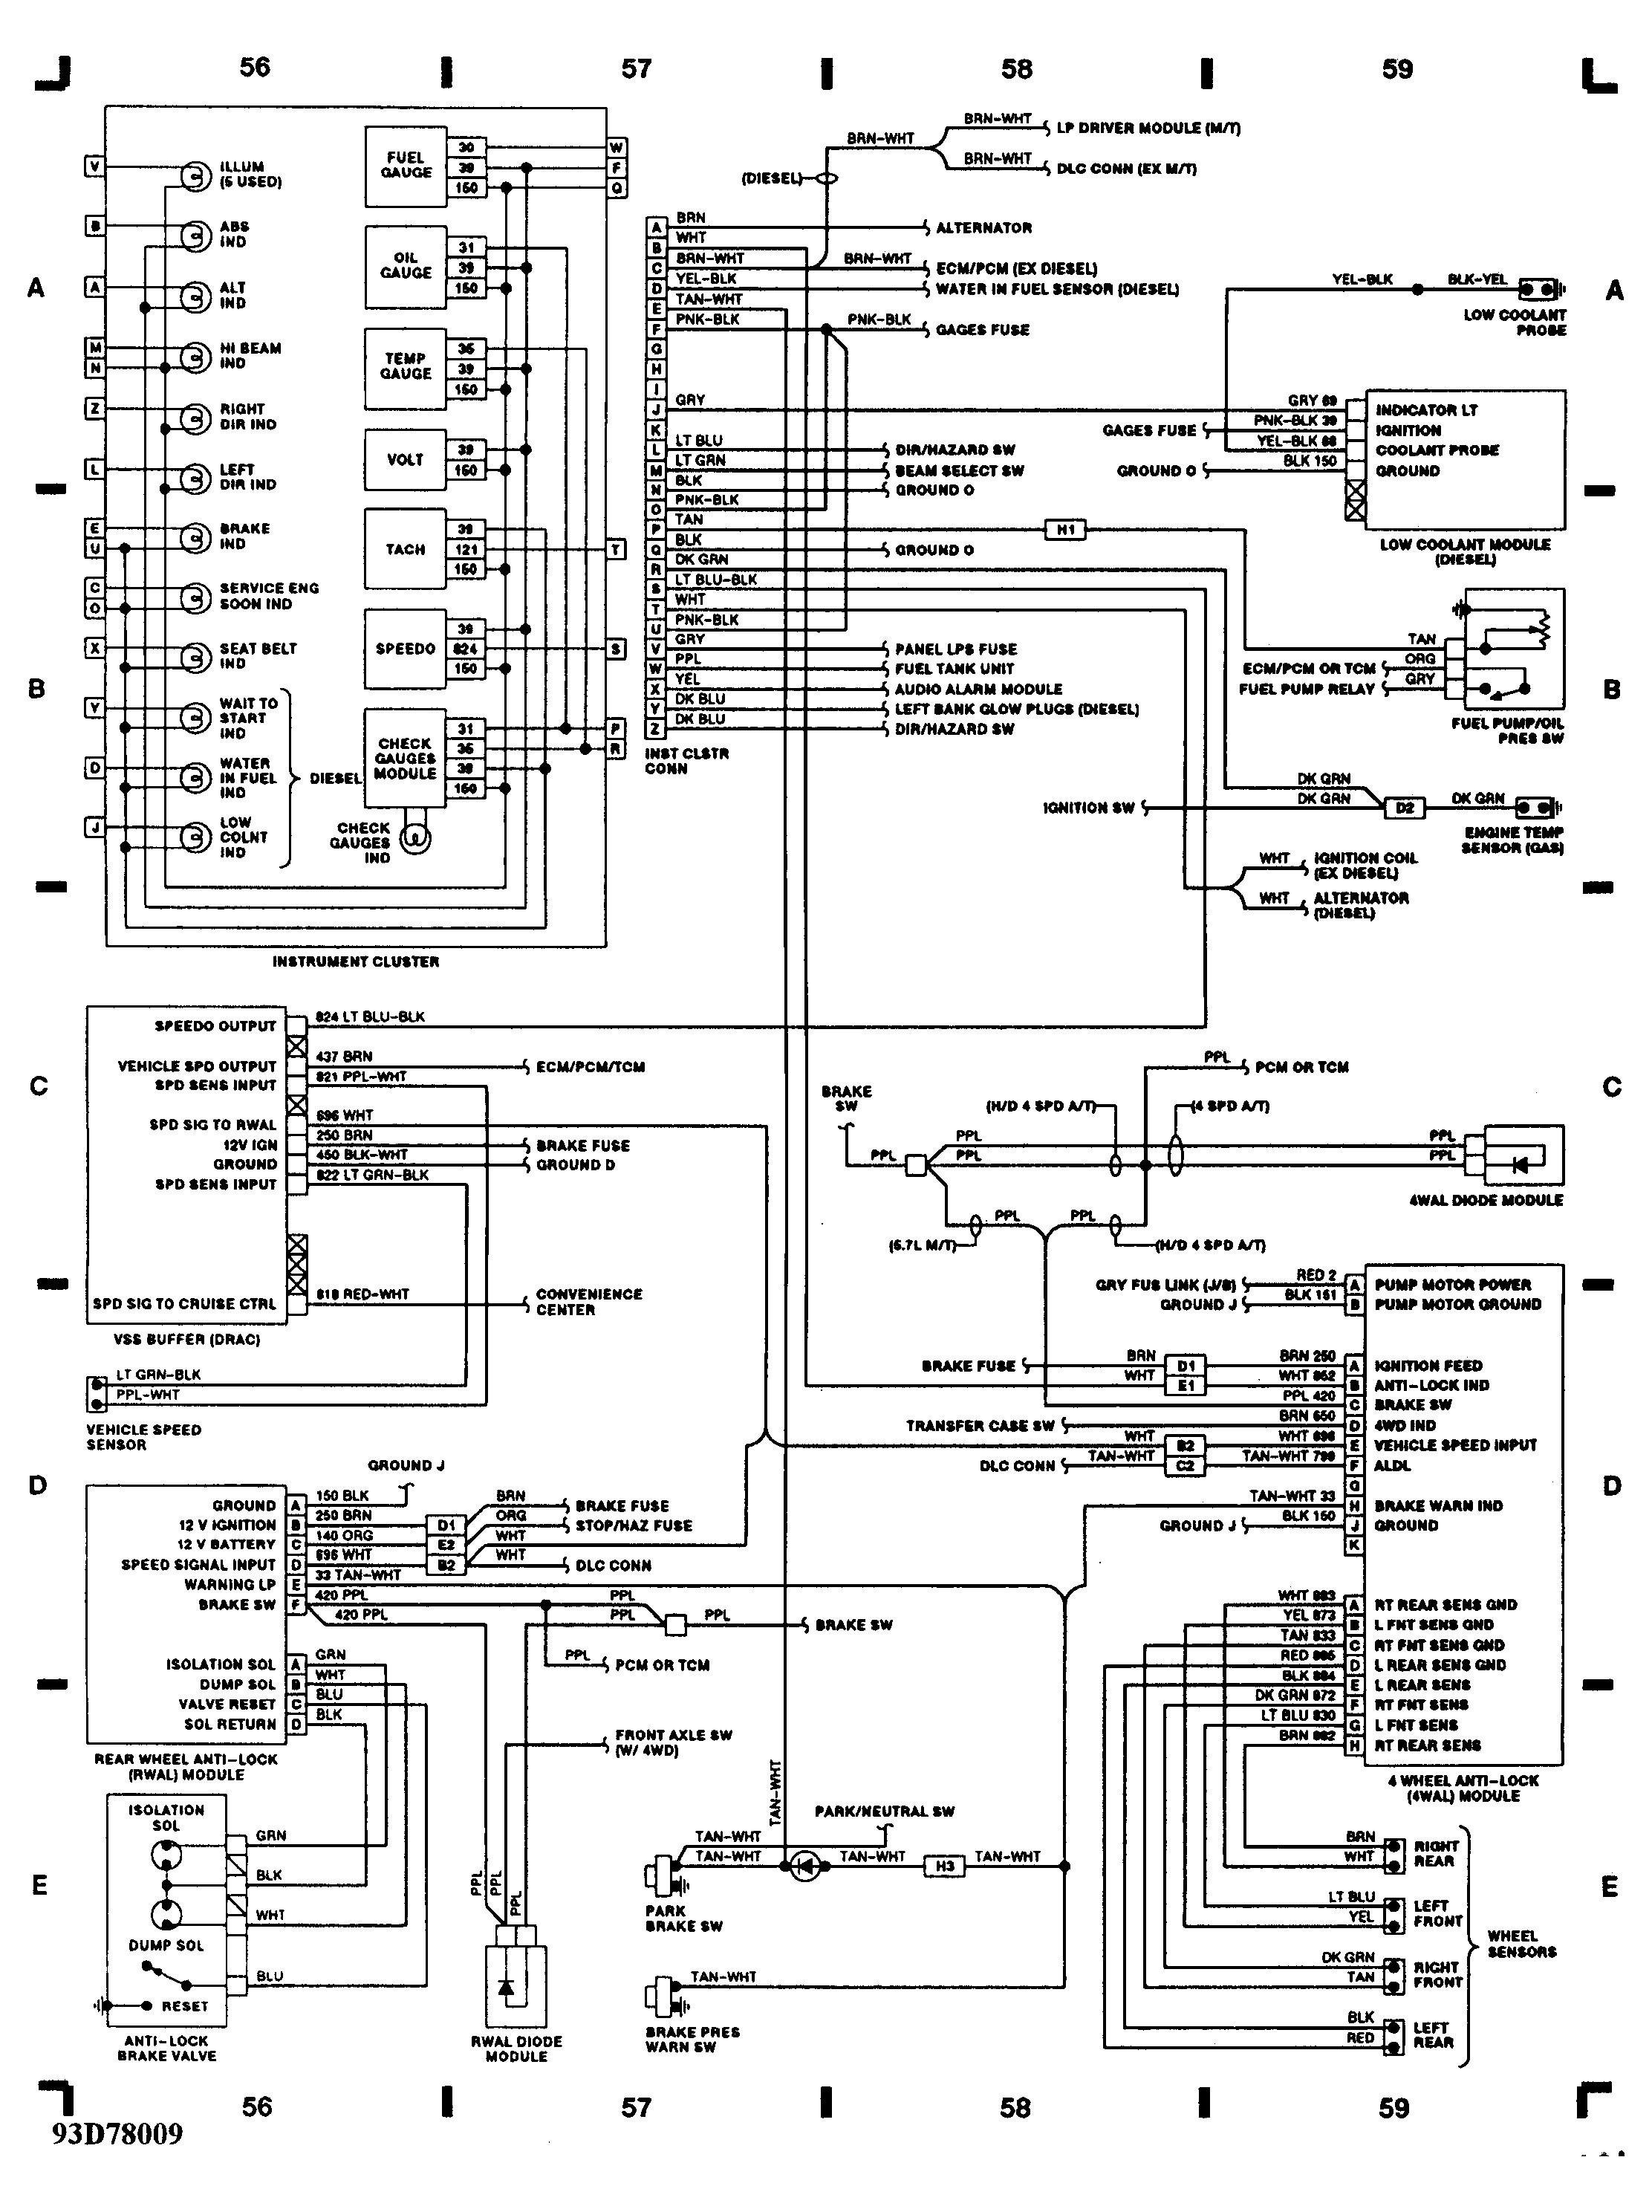 4 3 Liter V6 Vortec Engine Diagram 2 5 7 Vortec Wiring Diagram 4 3l Vortec Engine Diagram Wiring Diagrams Of 4 3 Liter V6 Vortec Engine Diagram 2